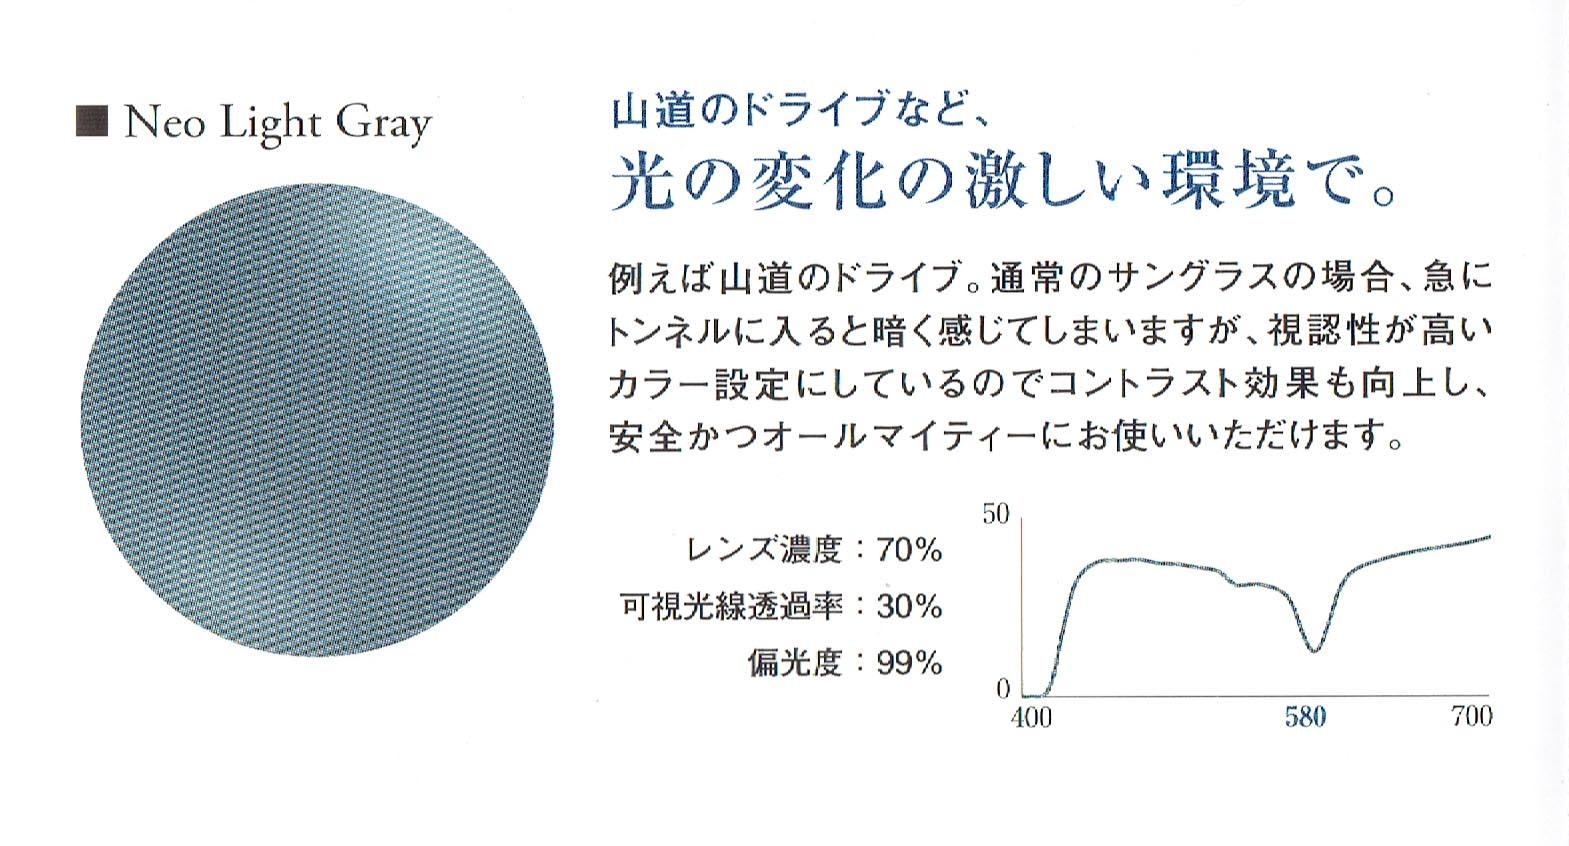 コダックレンズより新しい偏光レンズ発売_e0304942_09595440.jpg